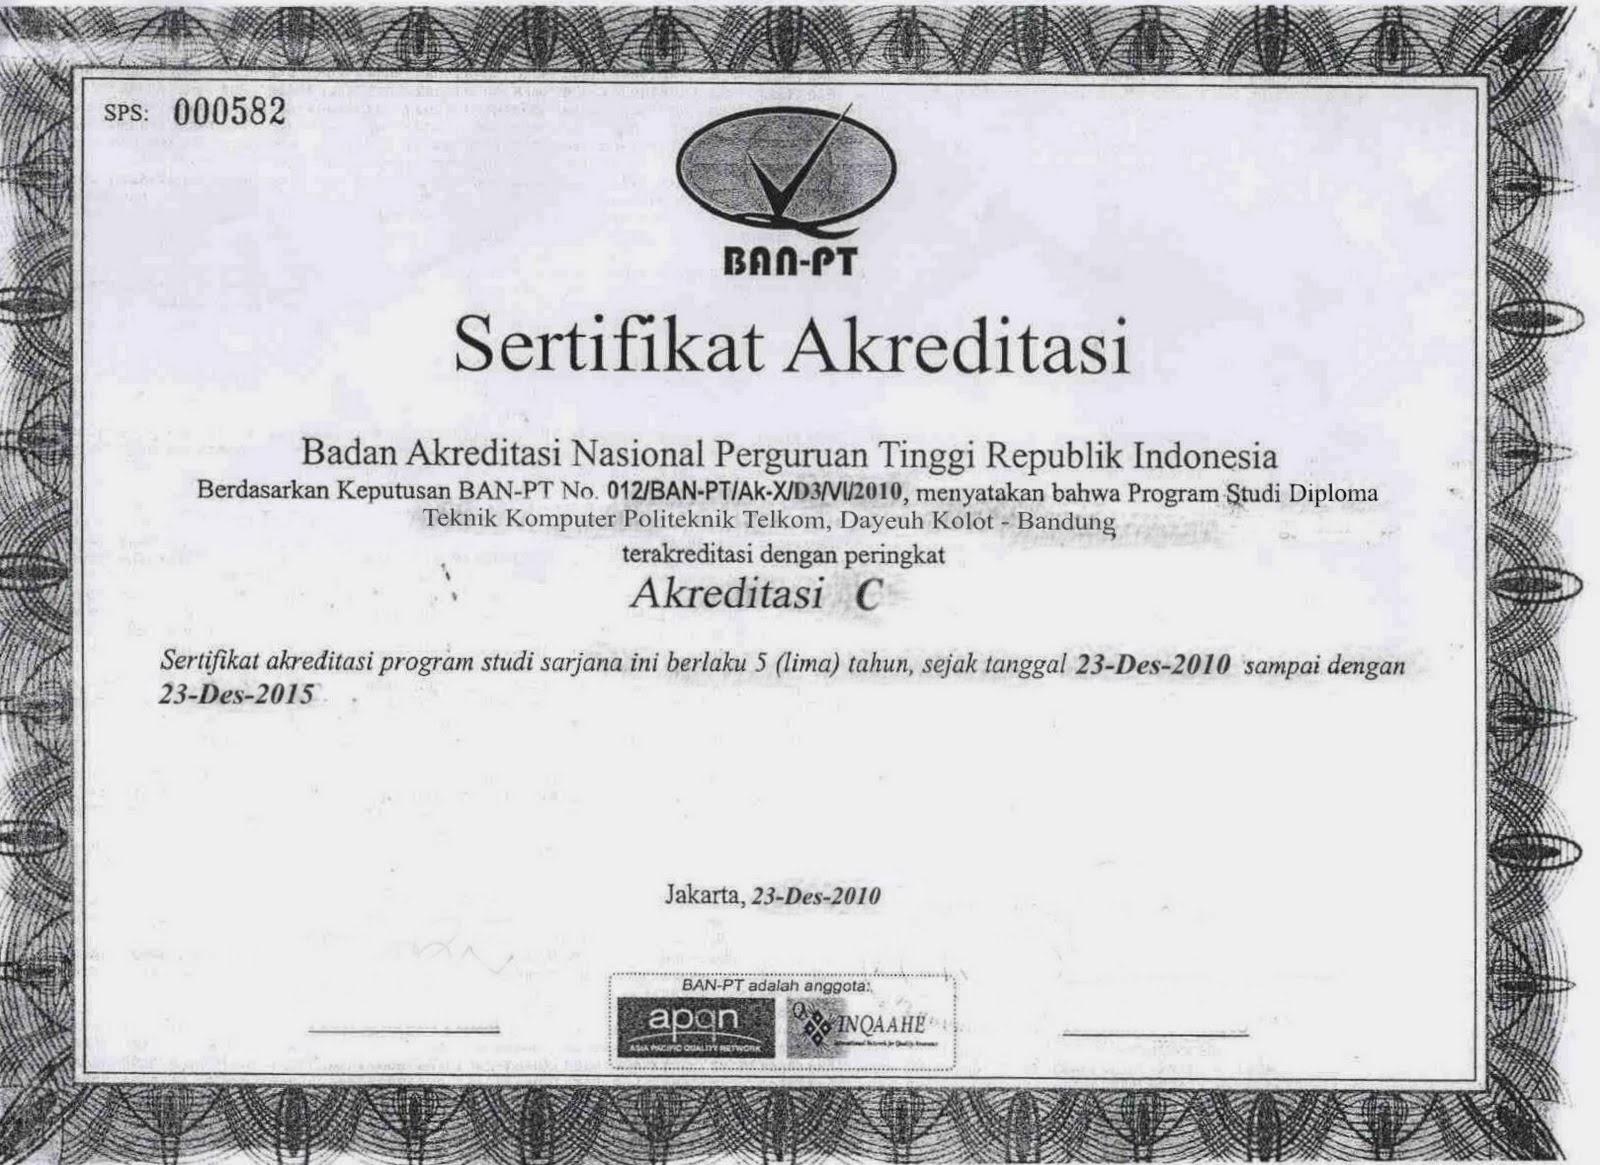 Cpns Dinas Pendidikan Matematika Pusat Soal Cpns No1 Indonesia 2007 2016 Tinggi Akreditasi C Tak Bisa Jadi Pns Informasi Pendidikan Indonesia